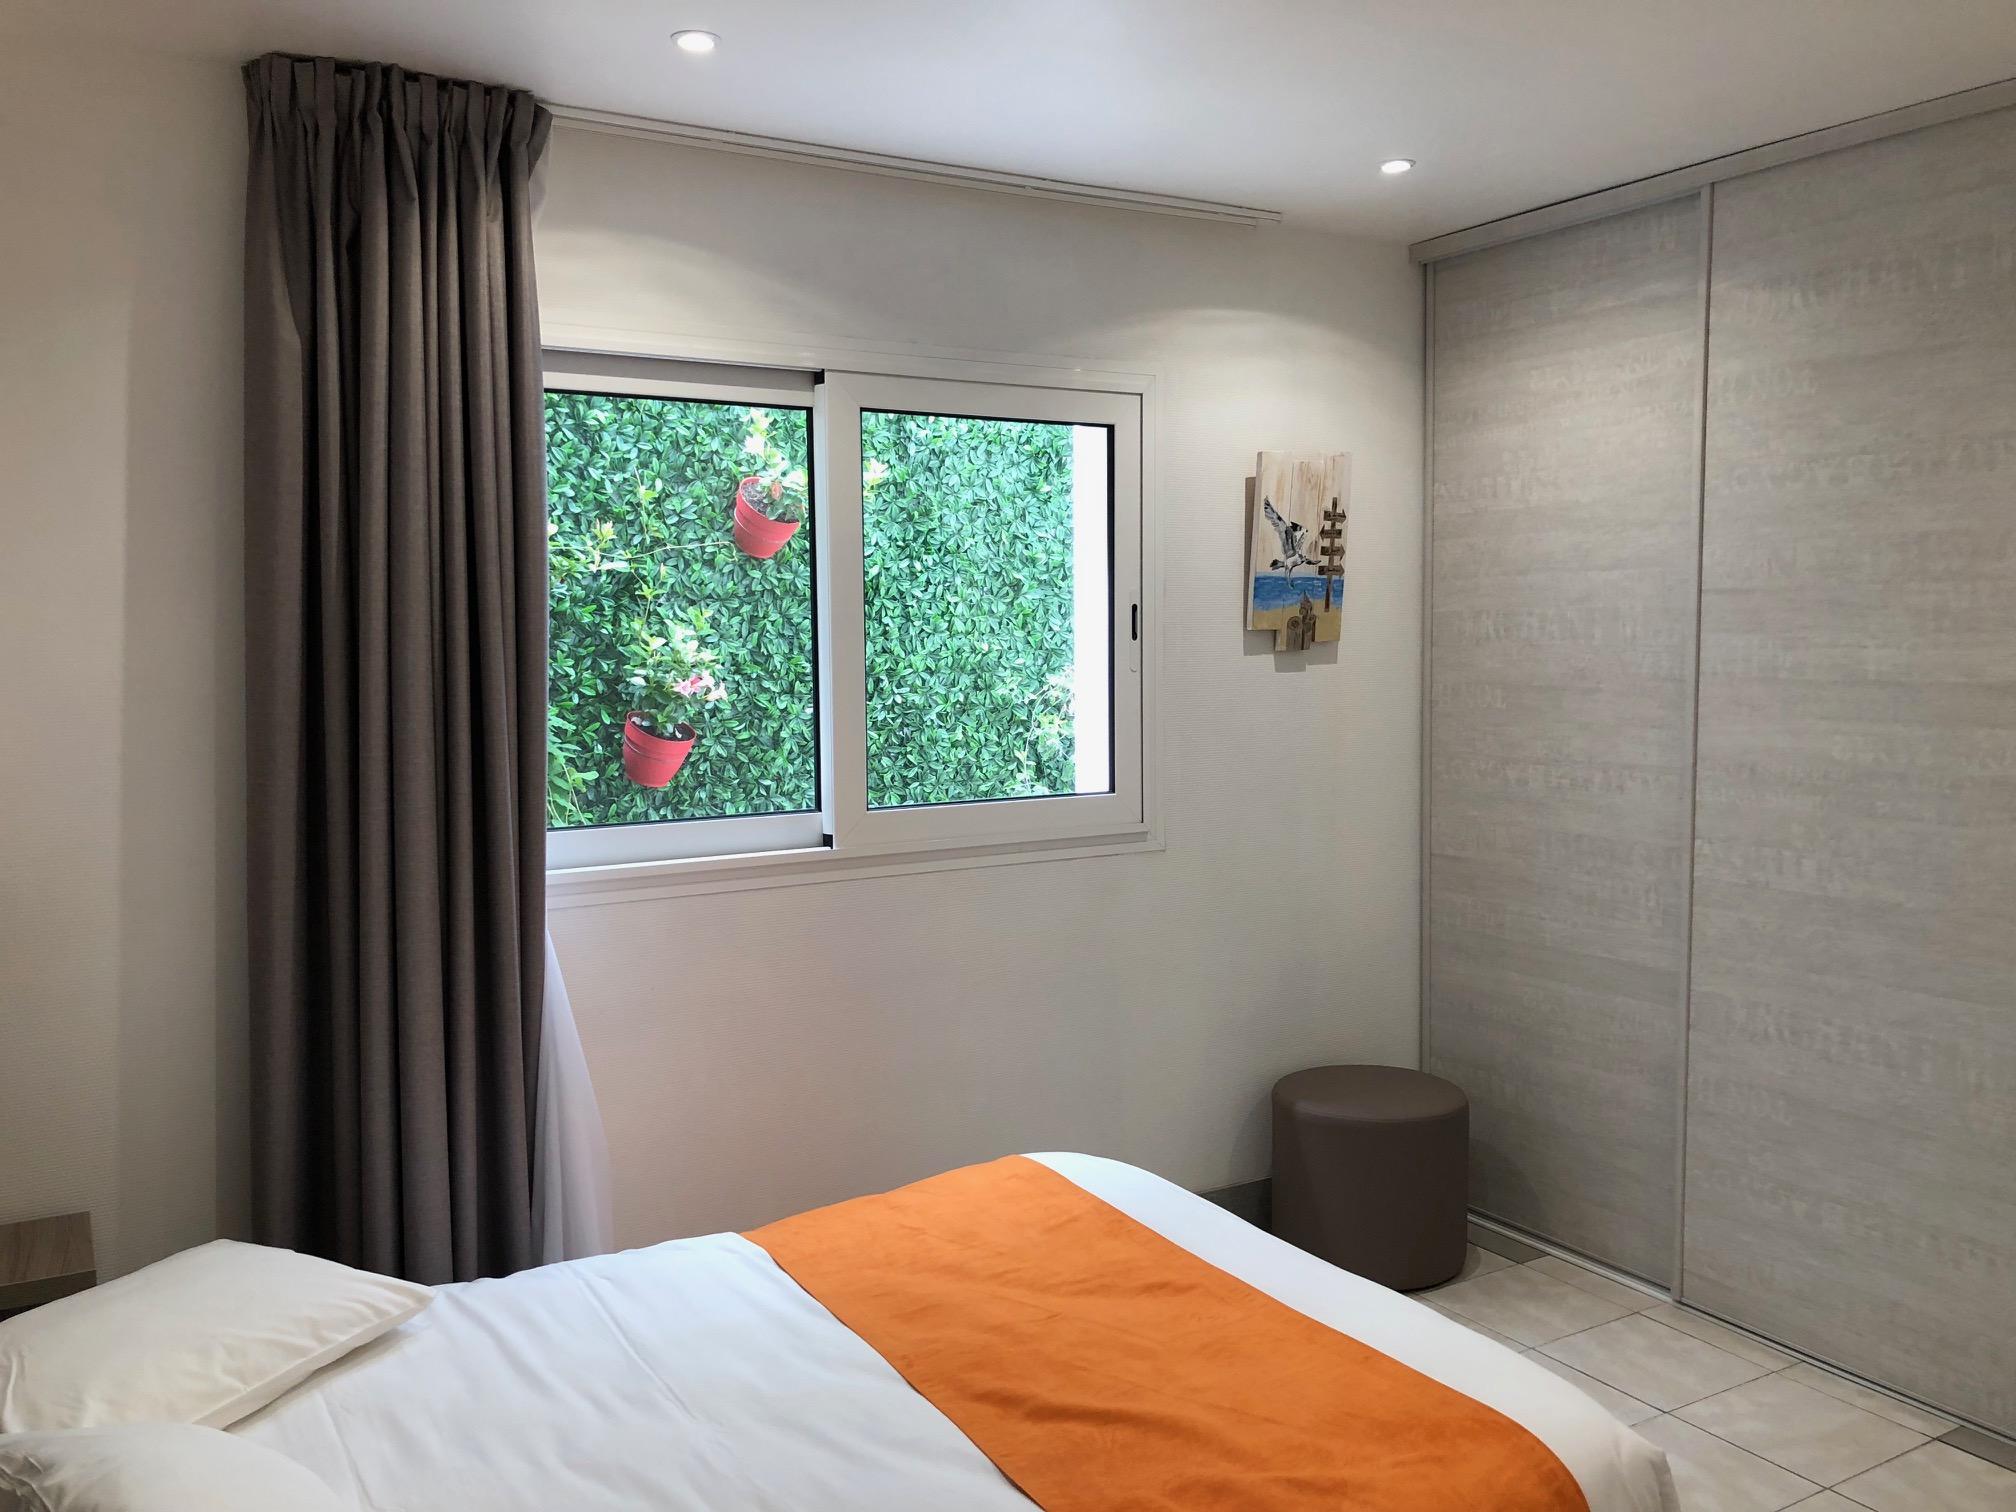 pmr chambre (1)